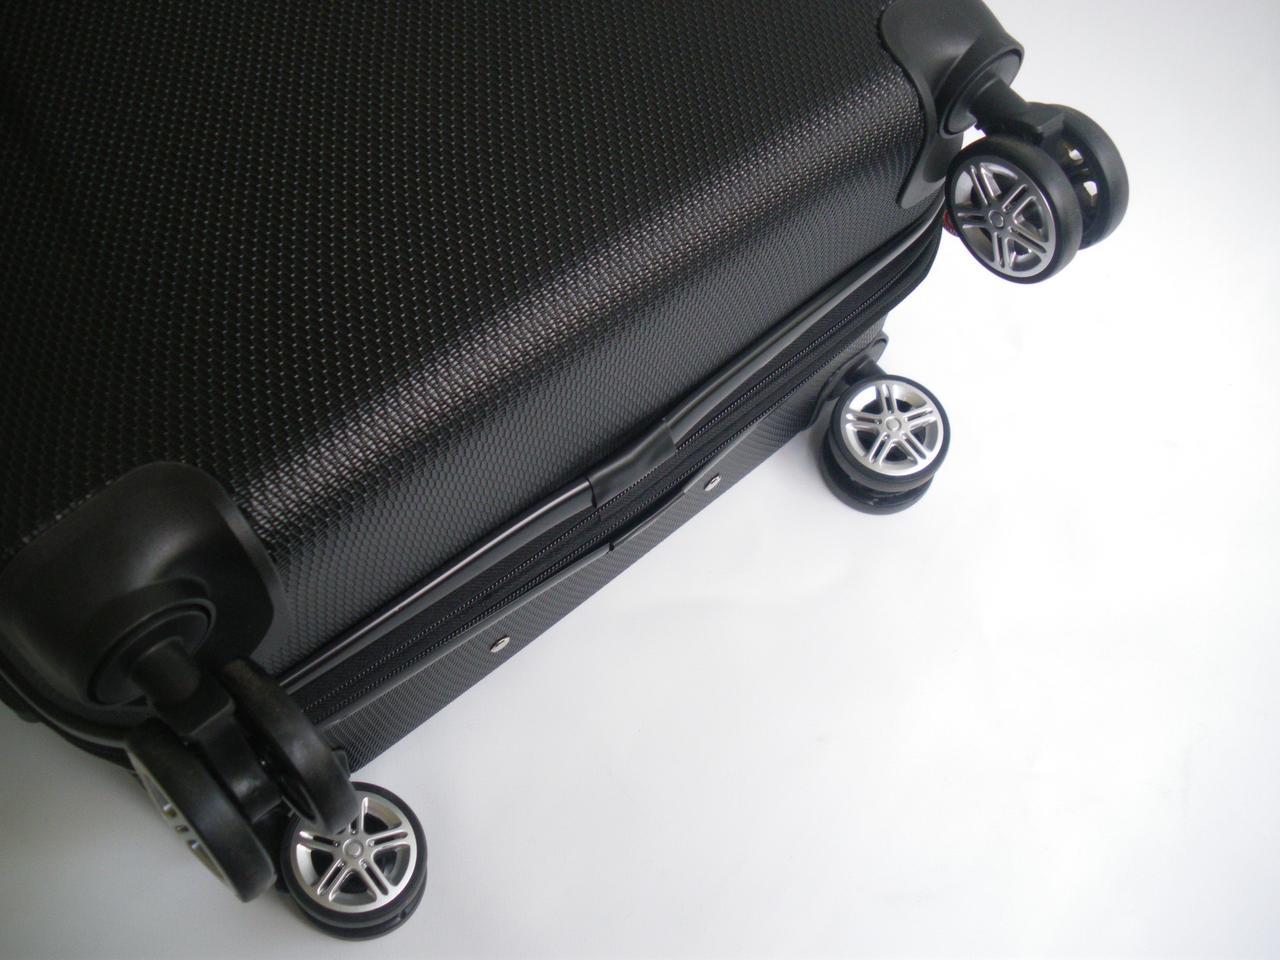 6f87fa5dbcd2 Чемодан дорожный на колесах пластиковый Gladiator Iguana (M) с расширением  , цена 2 600 грн., купить Виноградов — Prom.ua (ID#512727350)